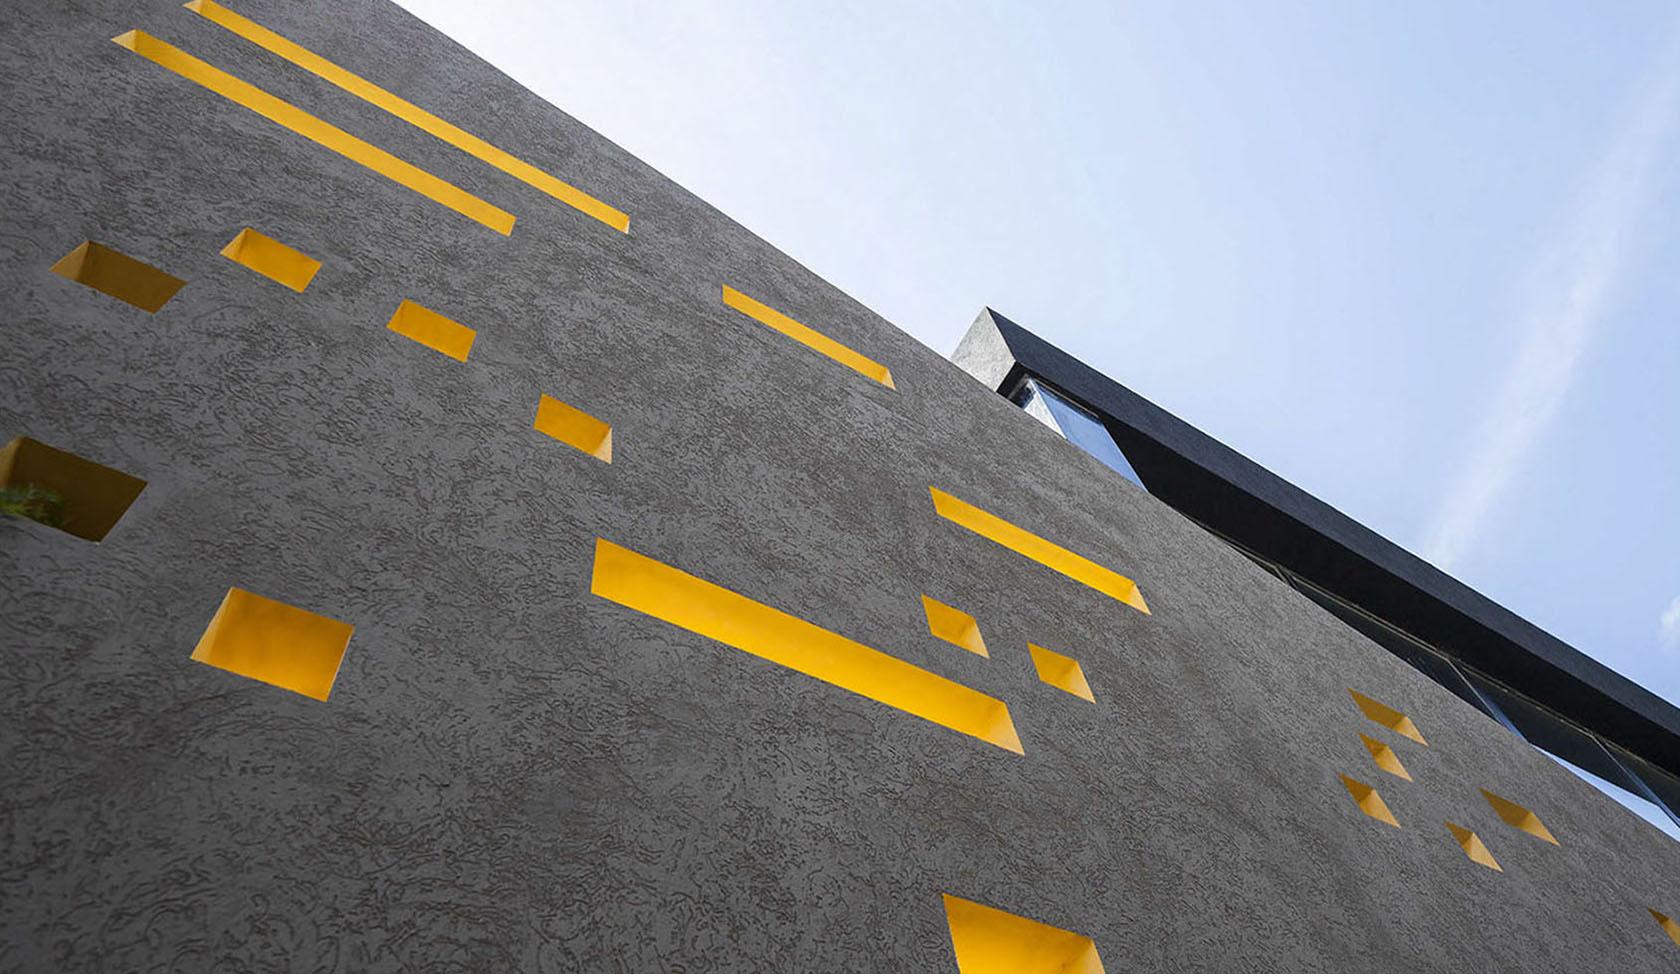 diseño de fachadas, perforaciones en fachadas, ingresos de luz natural, colores en fachadas